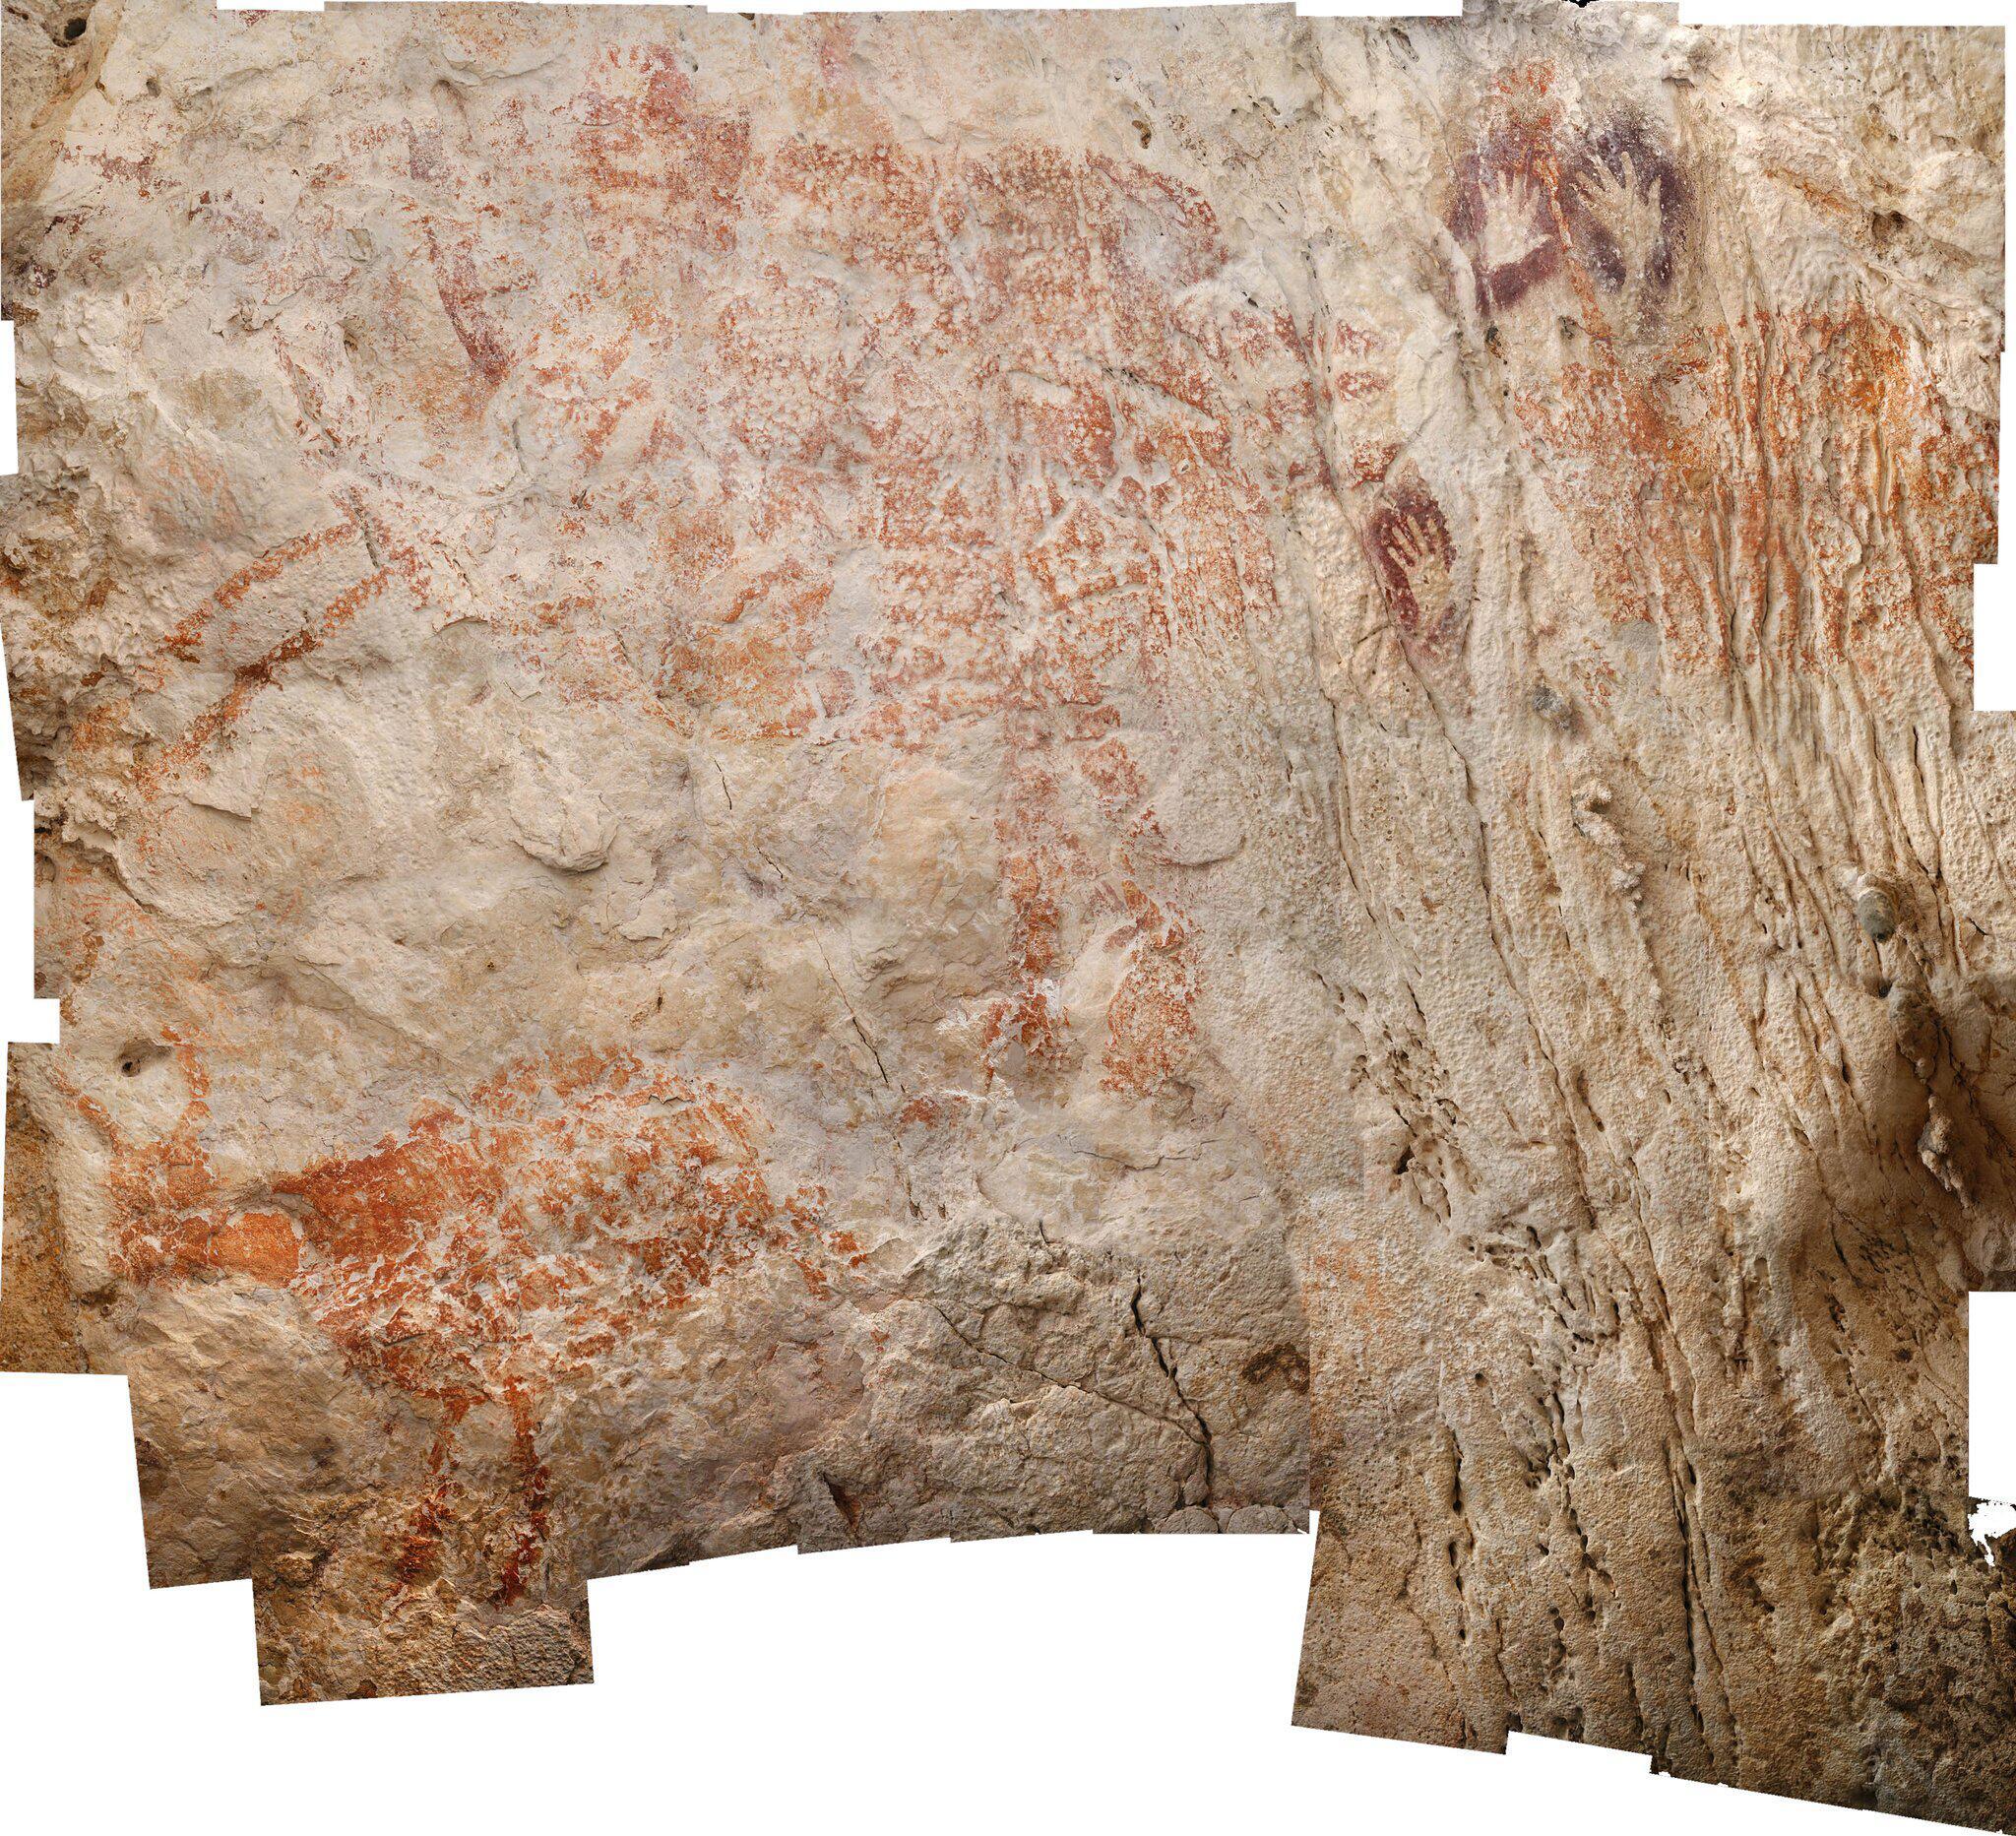 Bild zu Höhlenzeichnungen aus Indonesien